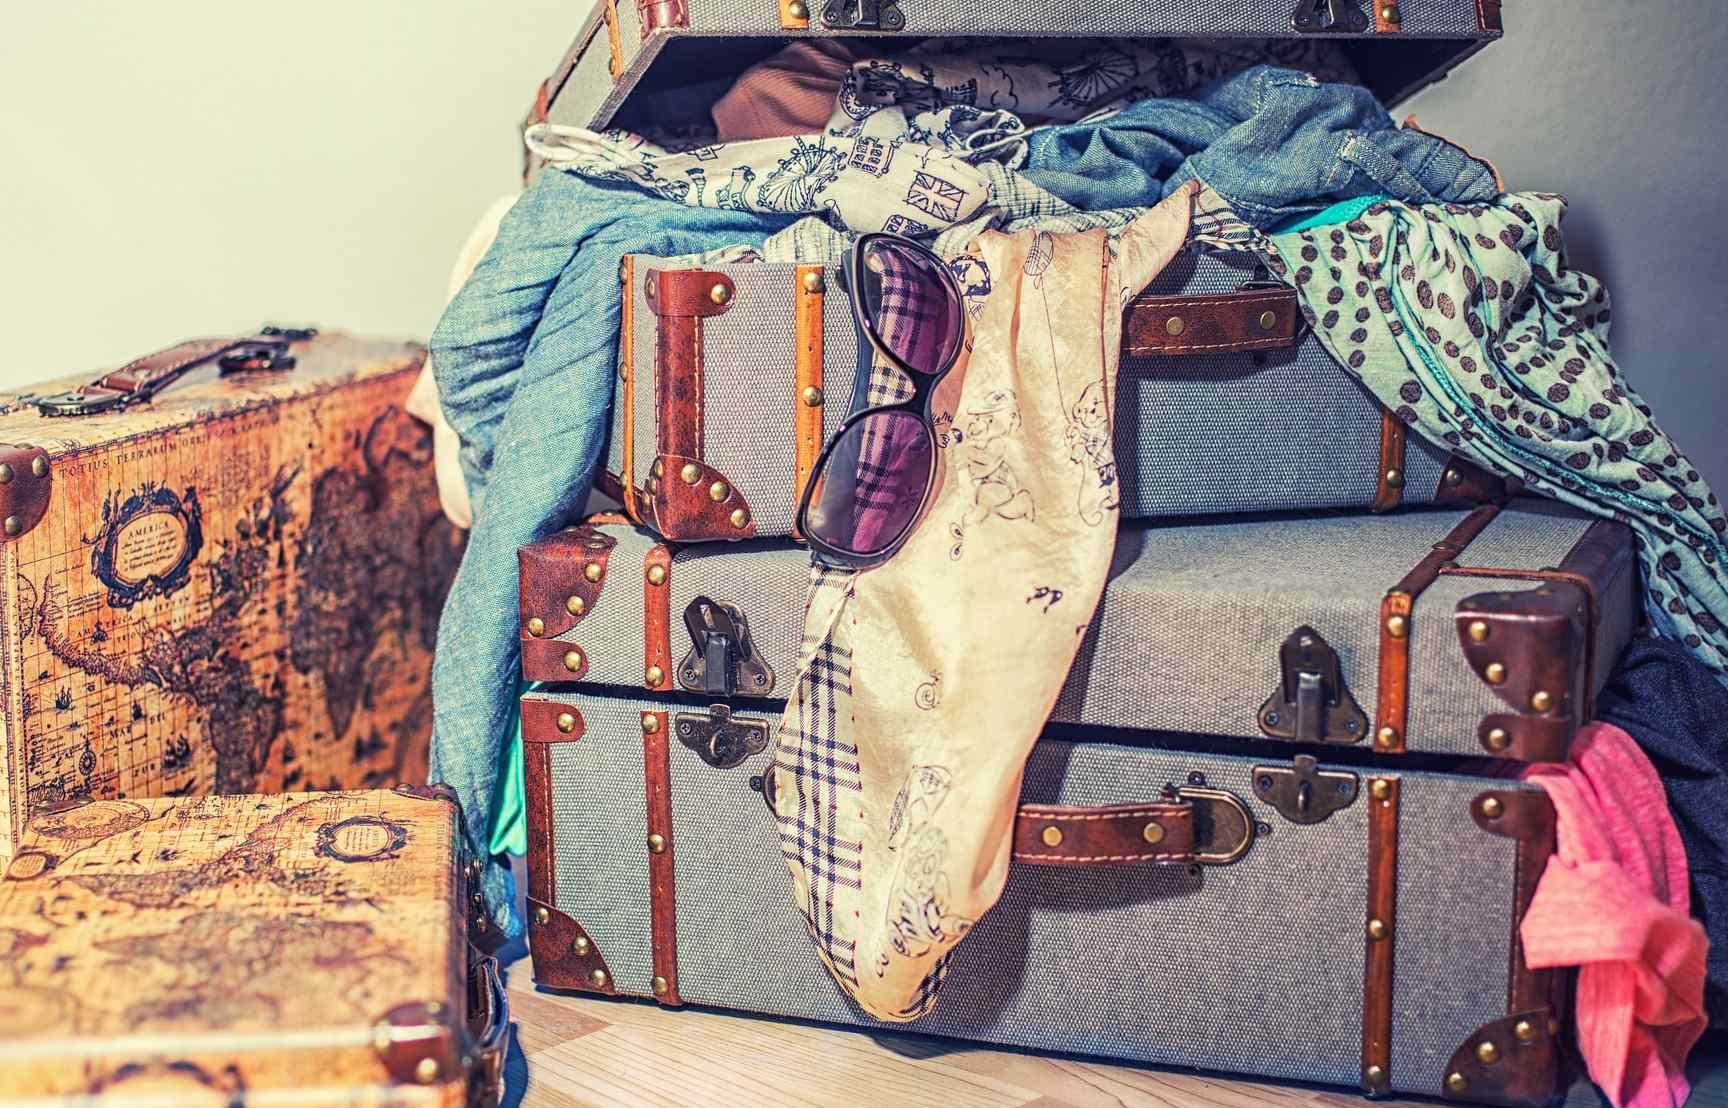 Vacaciones 2021: los consejos para ahorrar espacio en la maleta